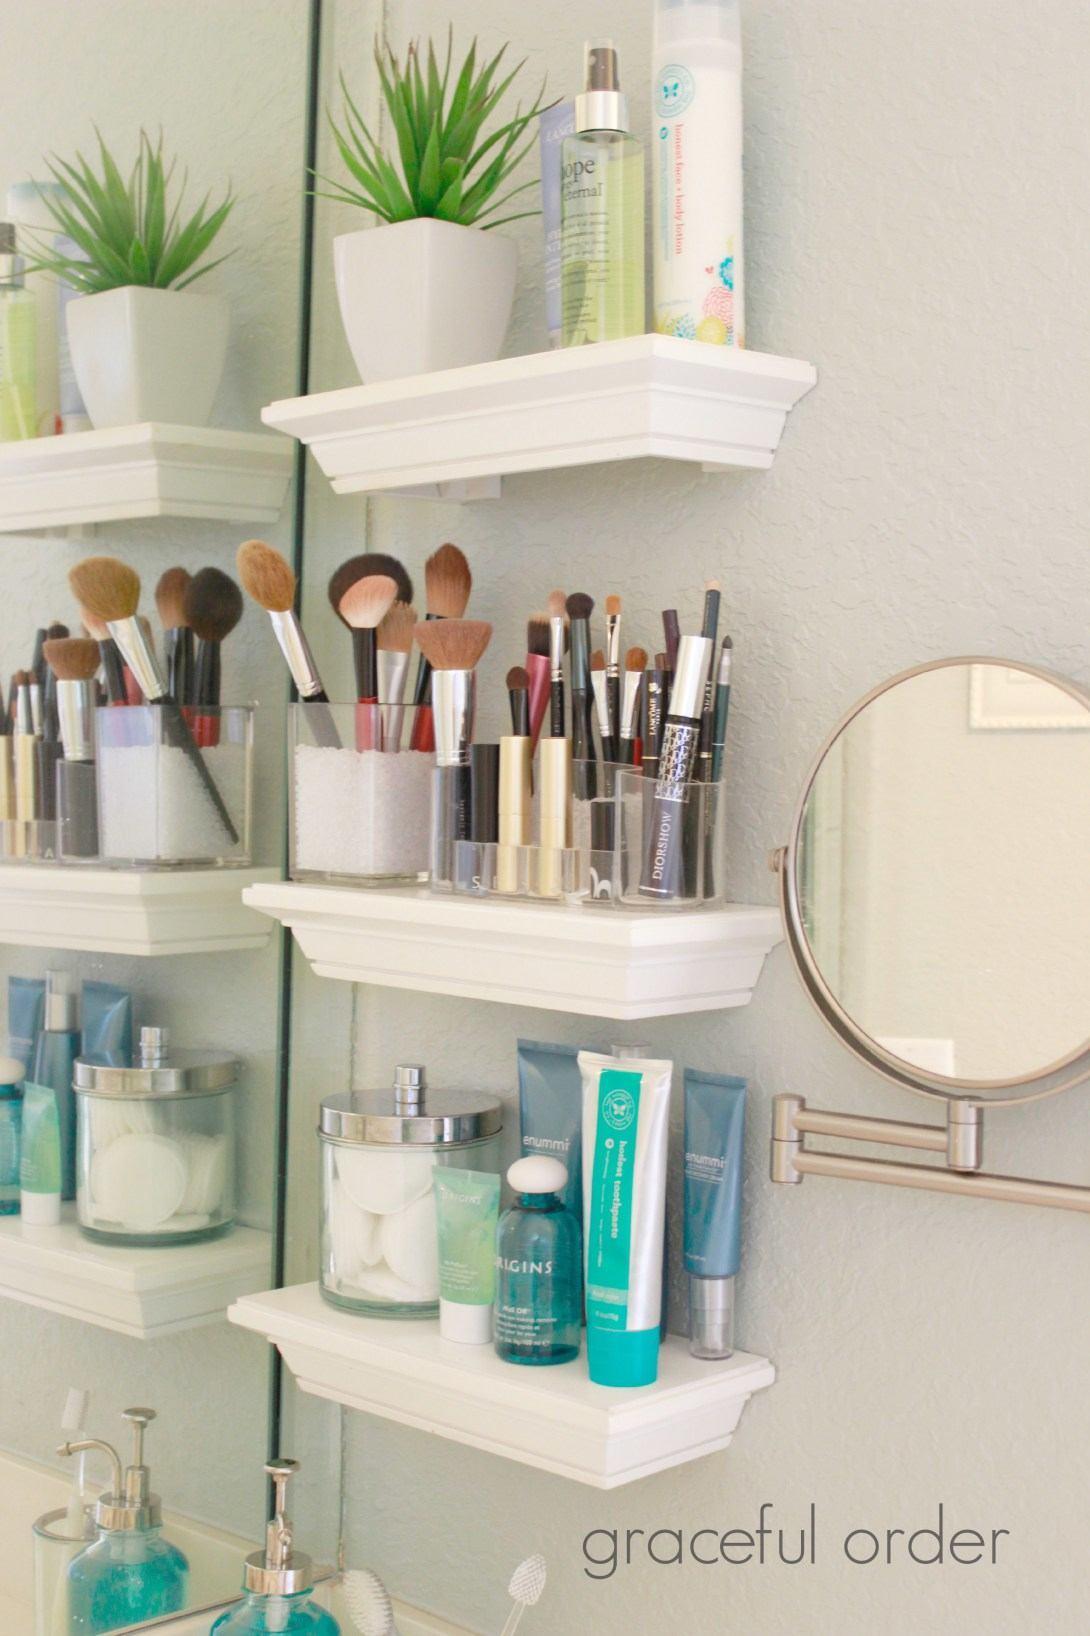 Mini Bathroom Shelves For Organizing